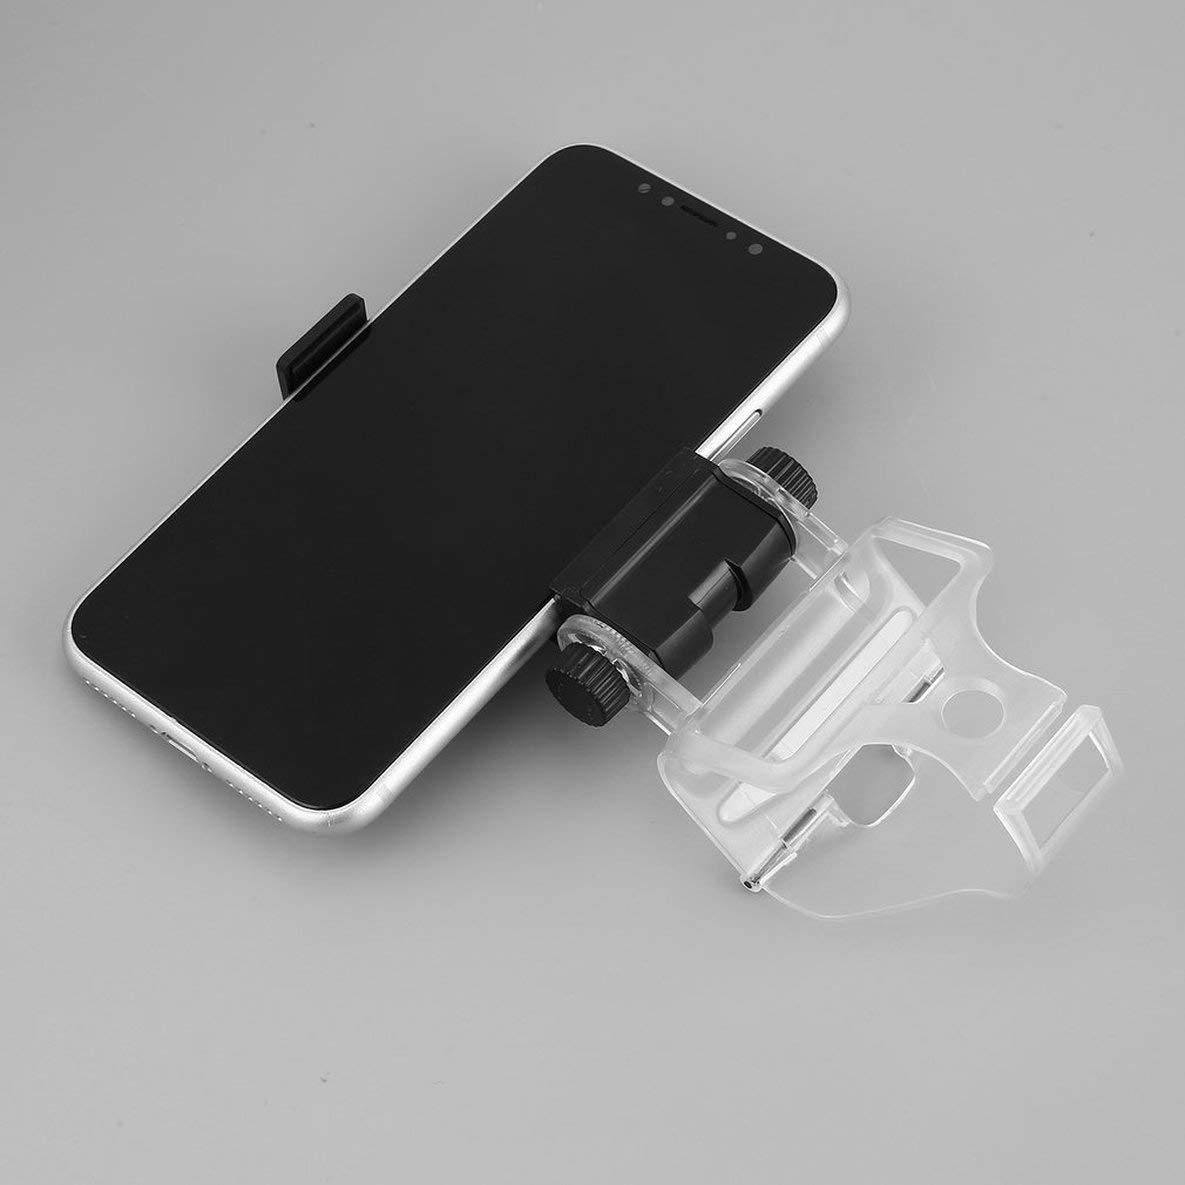 Noradtjcca Support t/él/éphone Portable Pince Support de Montage pour Playstation 4 pour PS4 Contr/ôleur de Jeu Support Clip Clip avec c/âble USB Noir